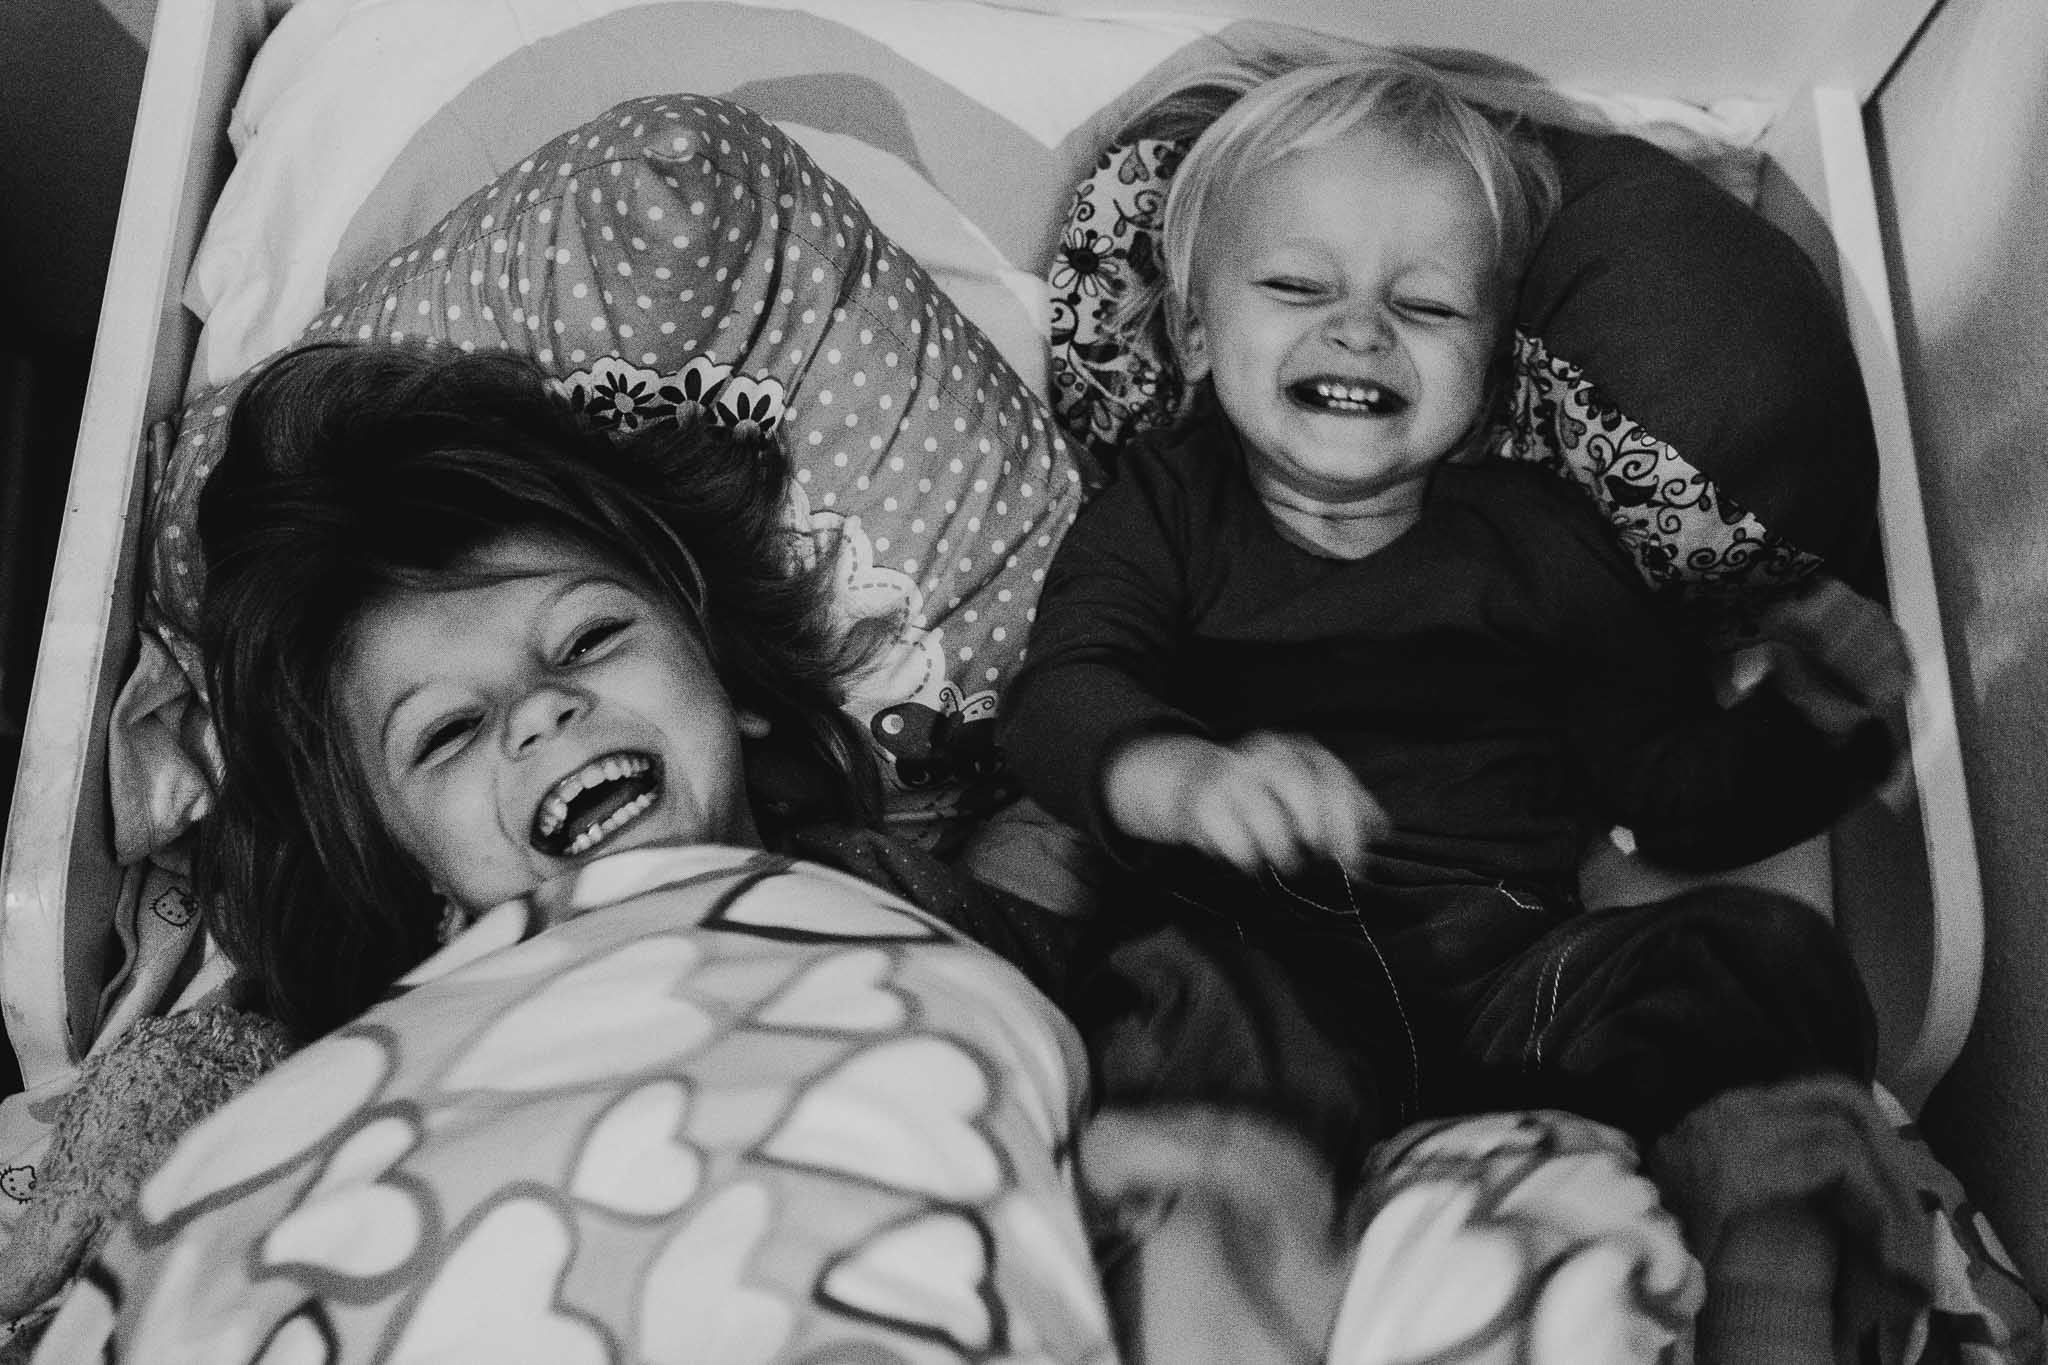 Zwei Schwestern liegen lachend im Bett